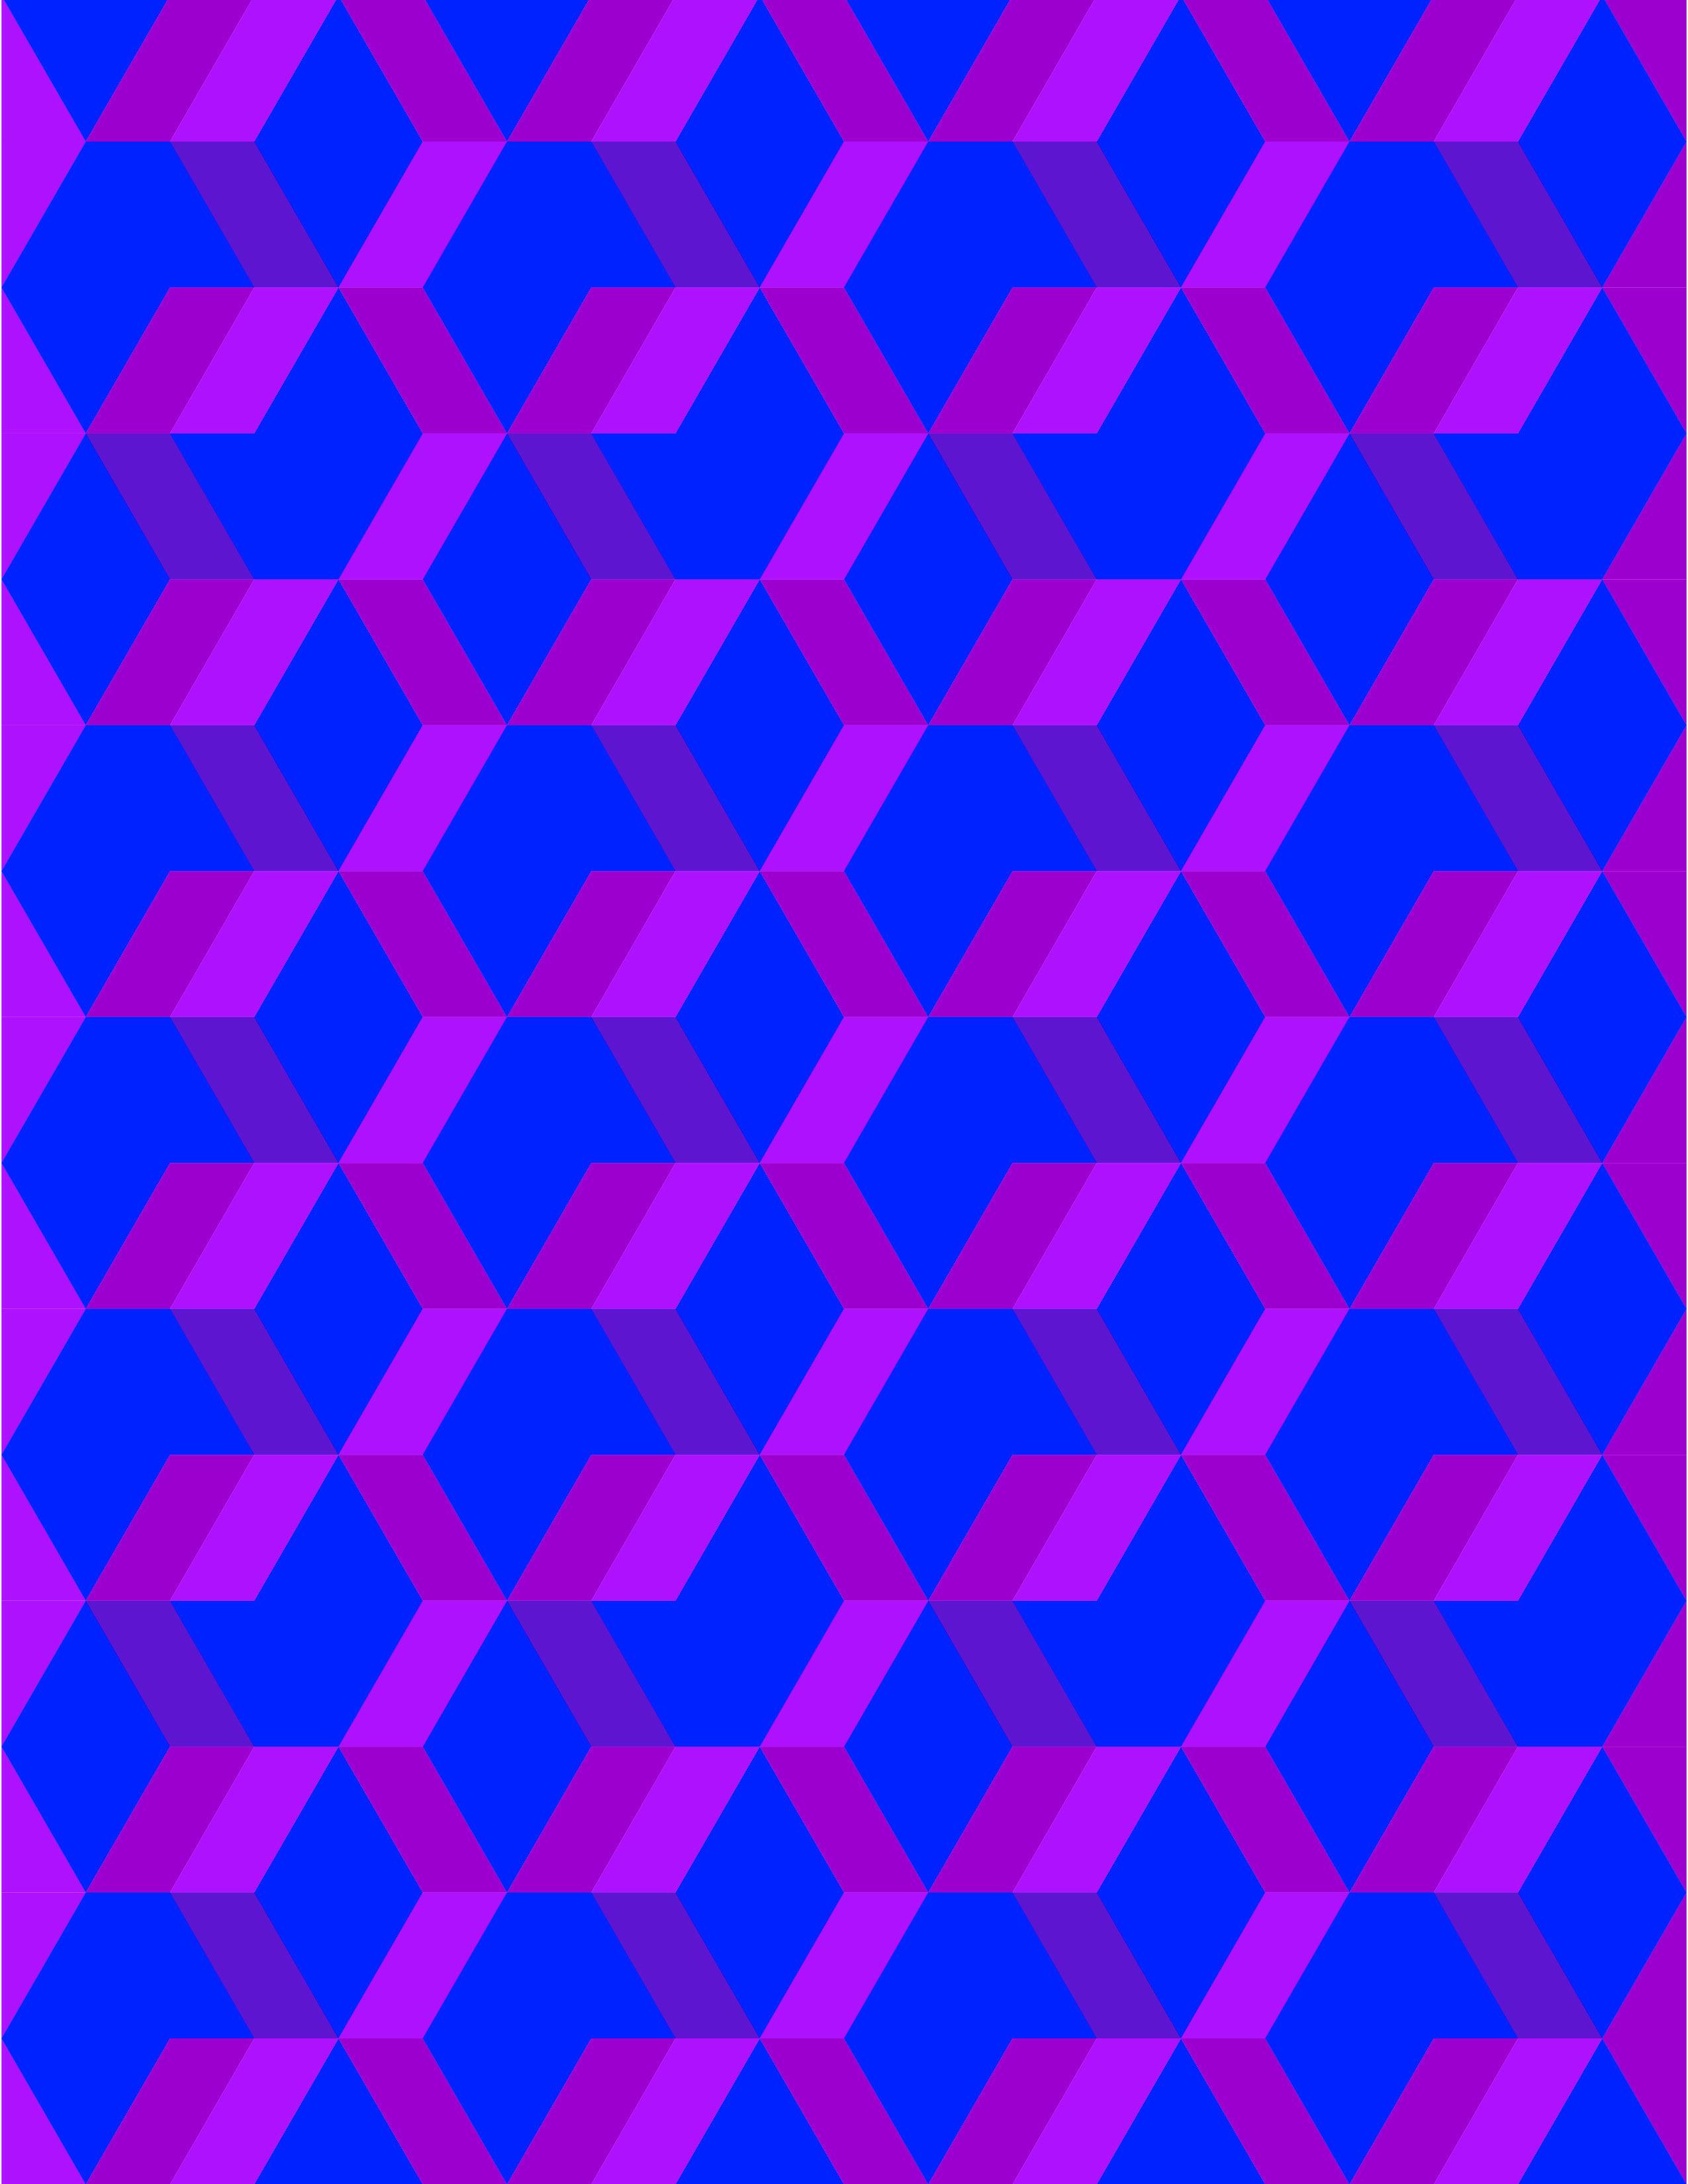 Diseño Geométrico, jugando a crear formas, colores, texturas ...